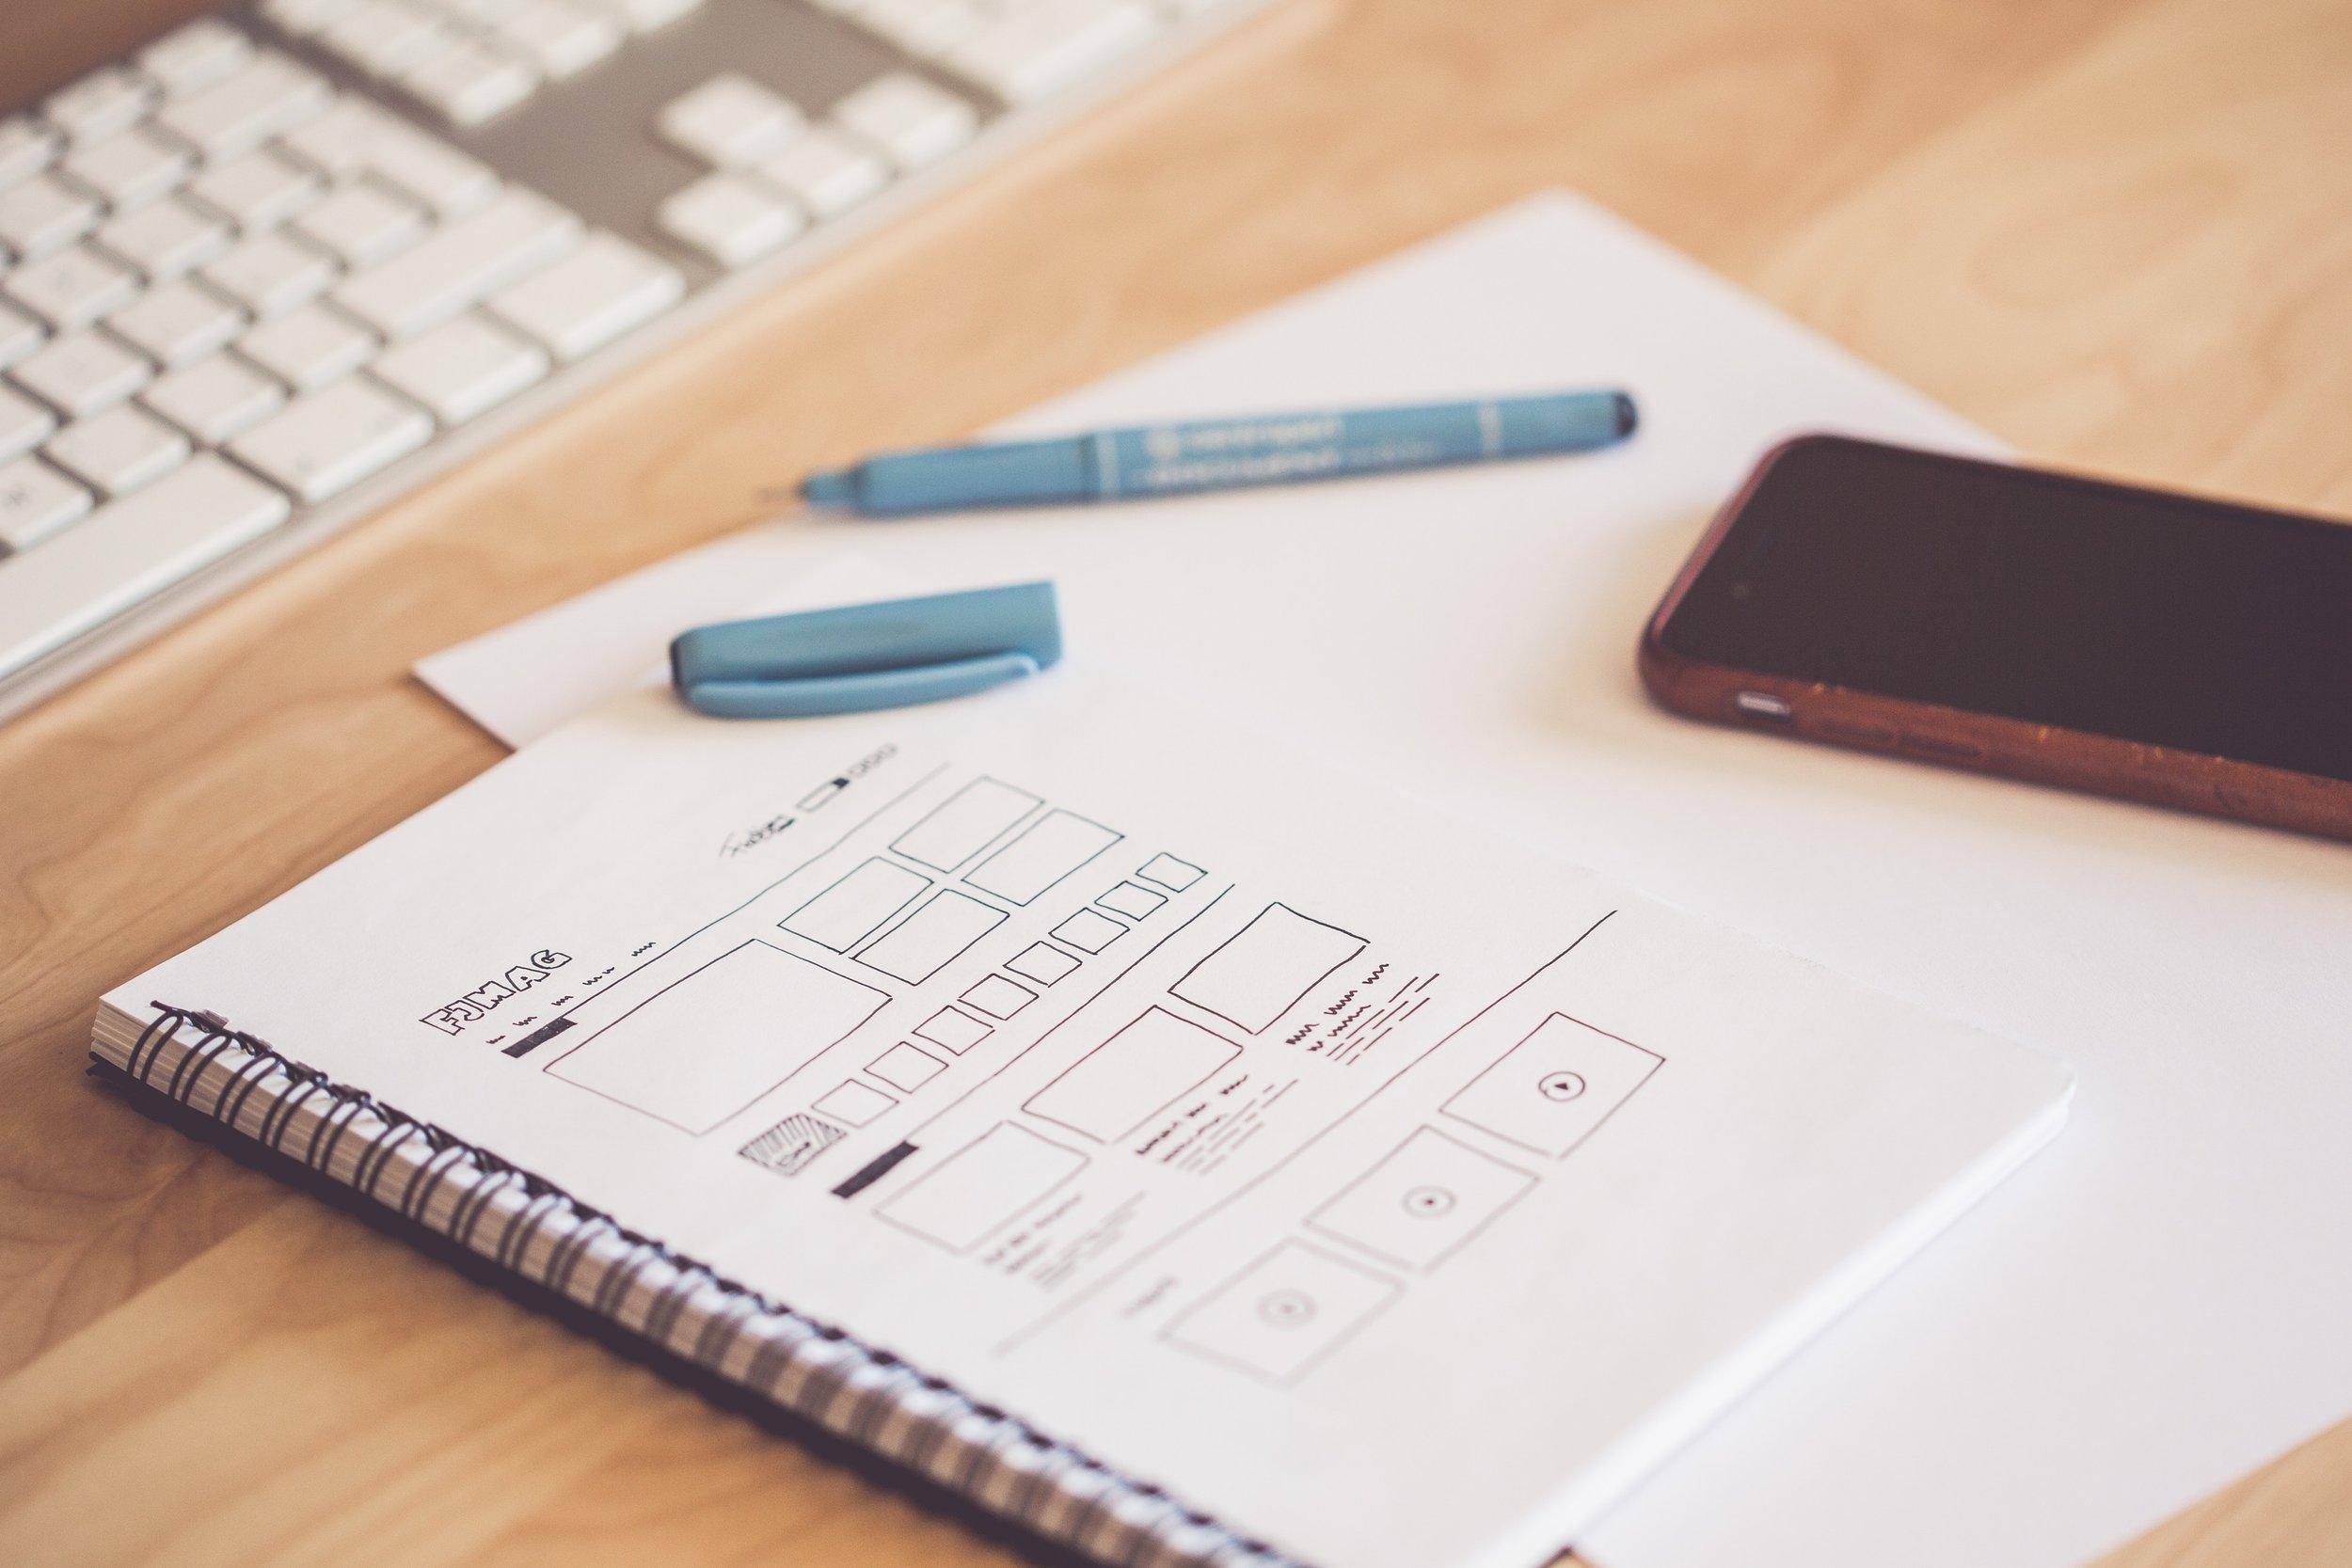 web design image for web design link